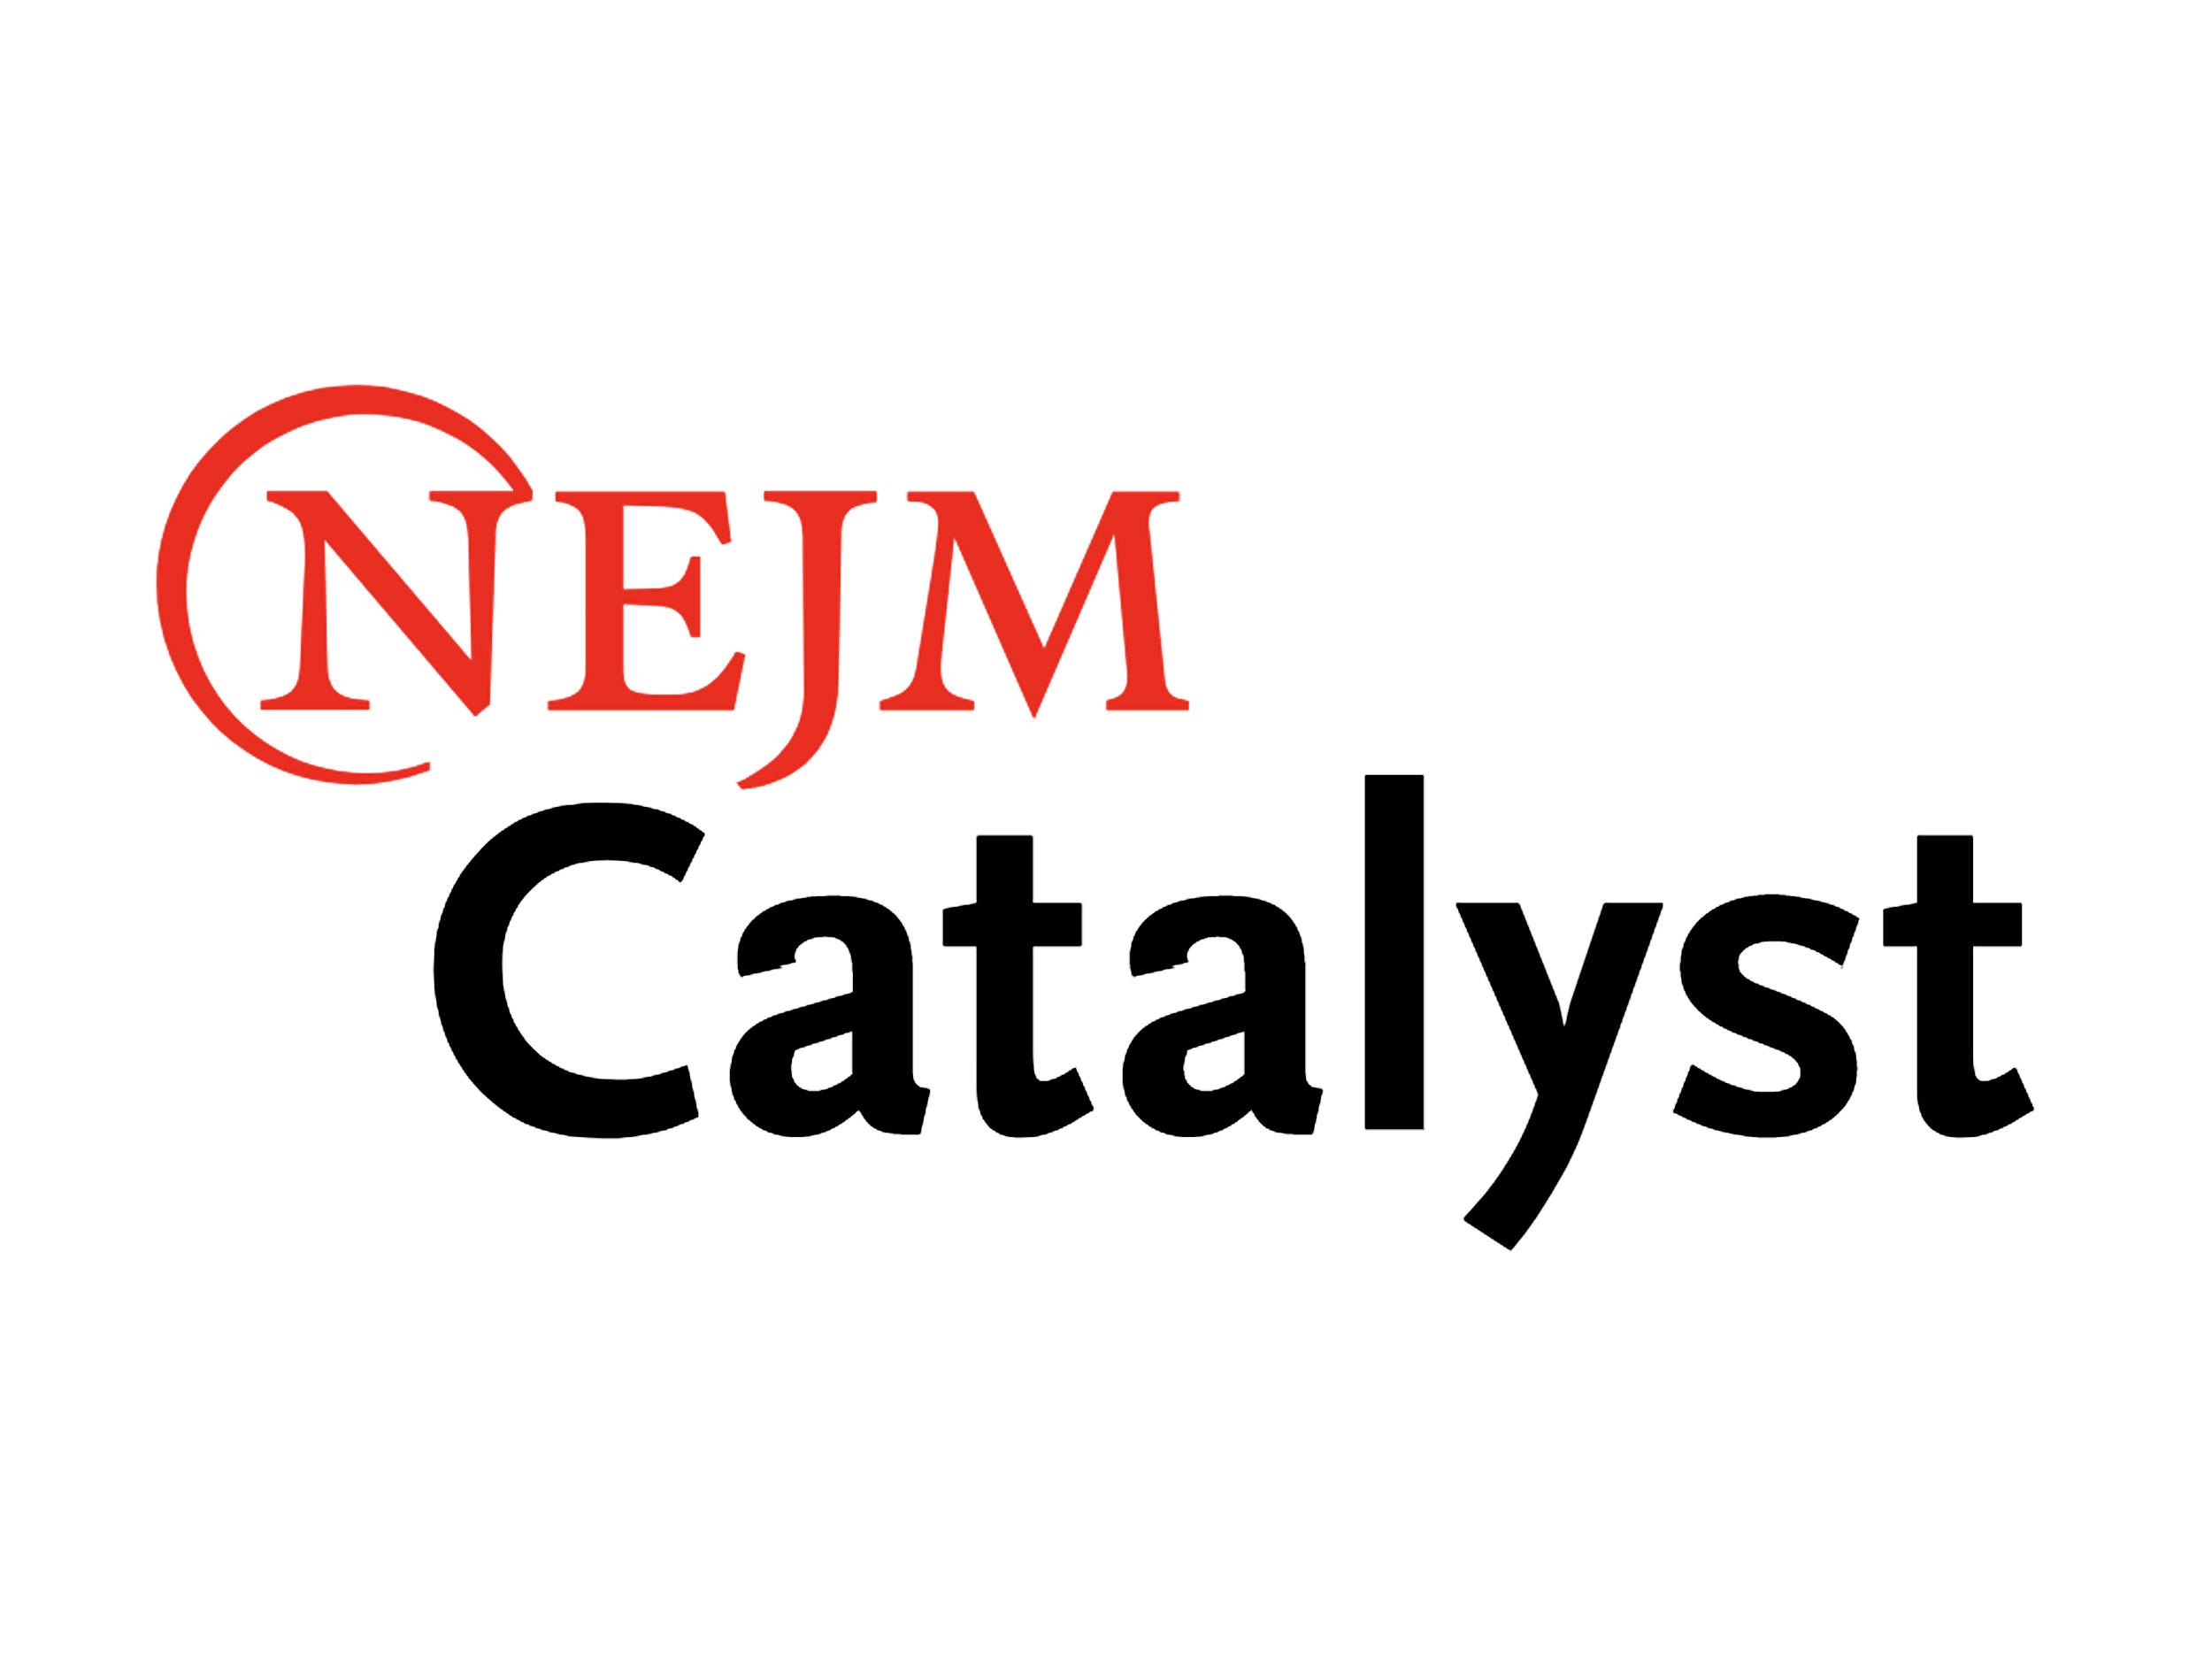 NEJM-Catalyst.jpg